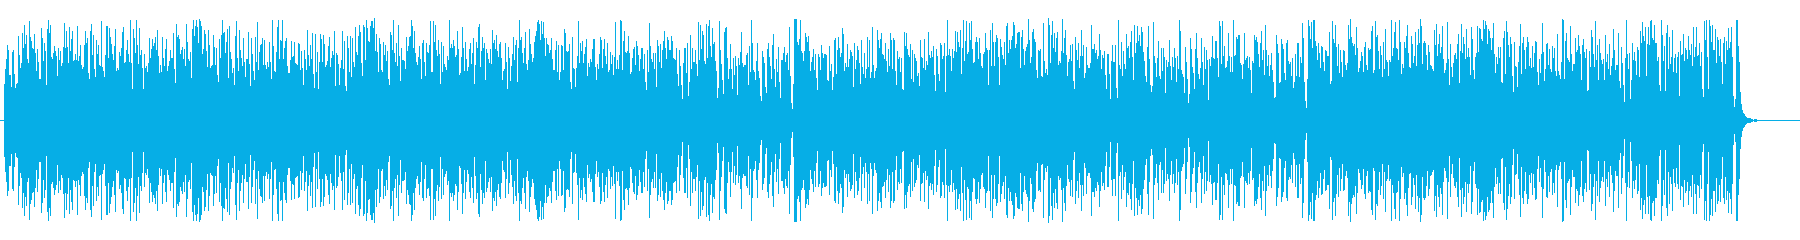 ファンクバンド風◎ビート感のあるBGMの再生済みの波形